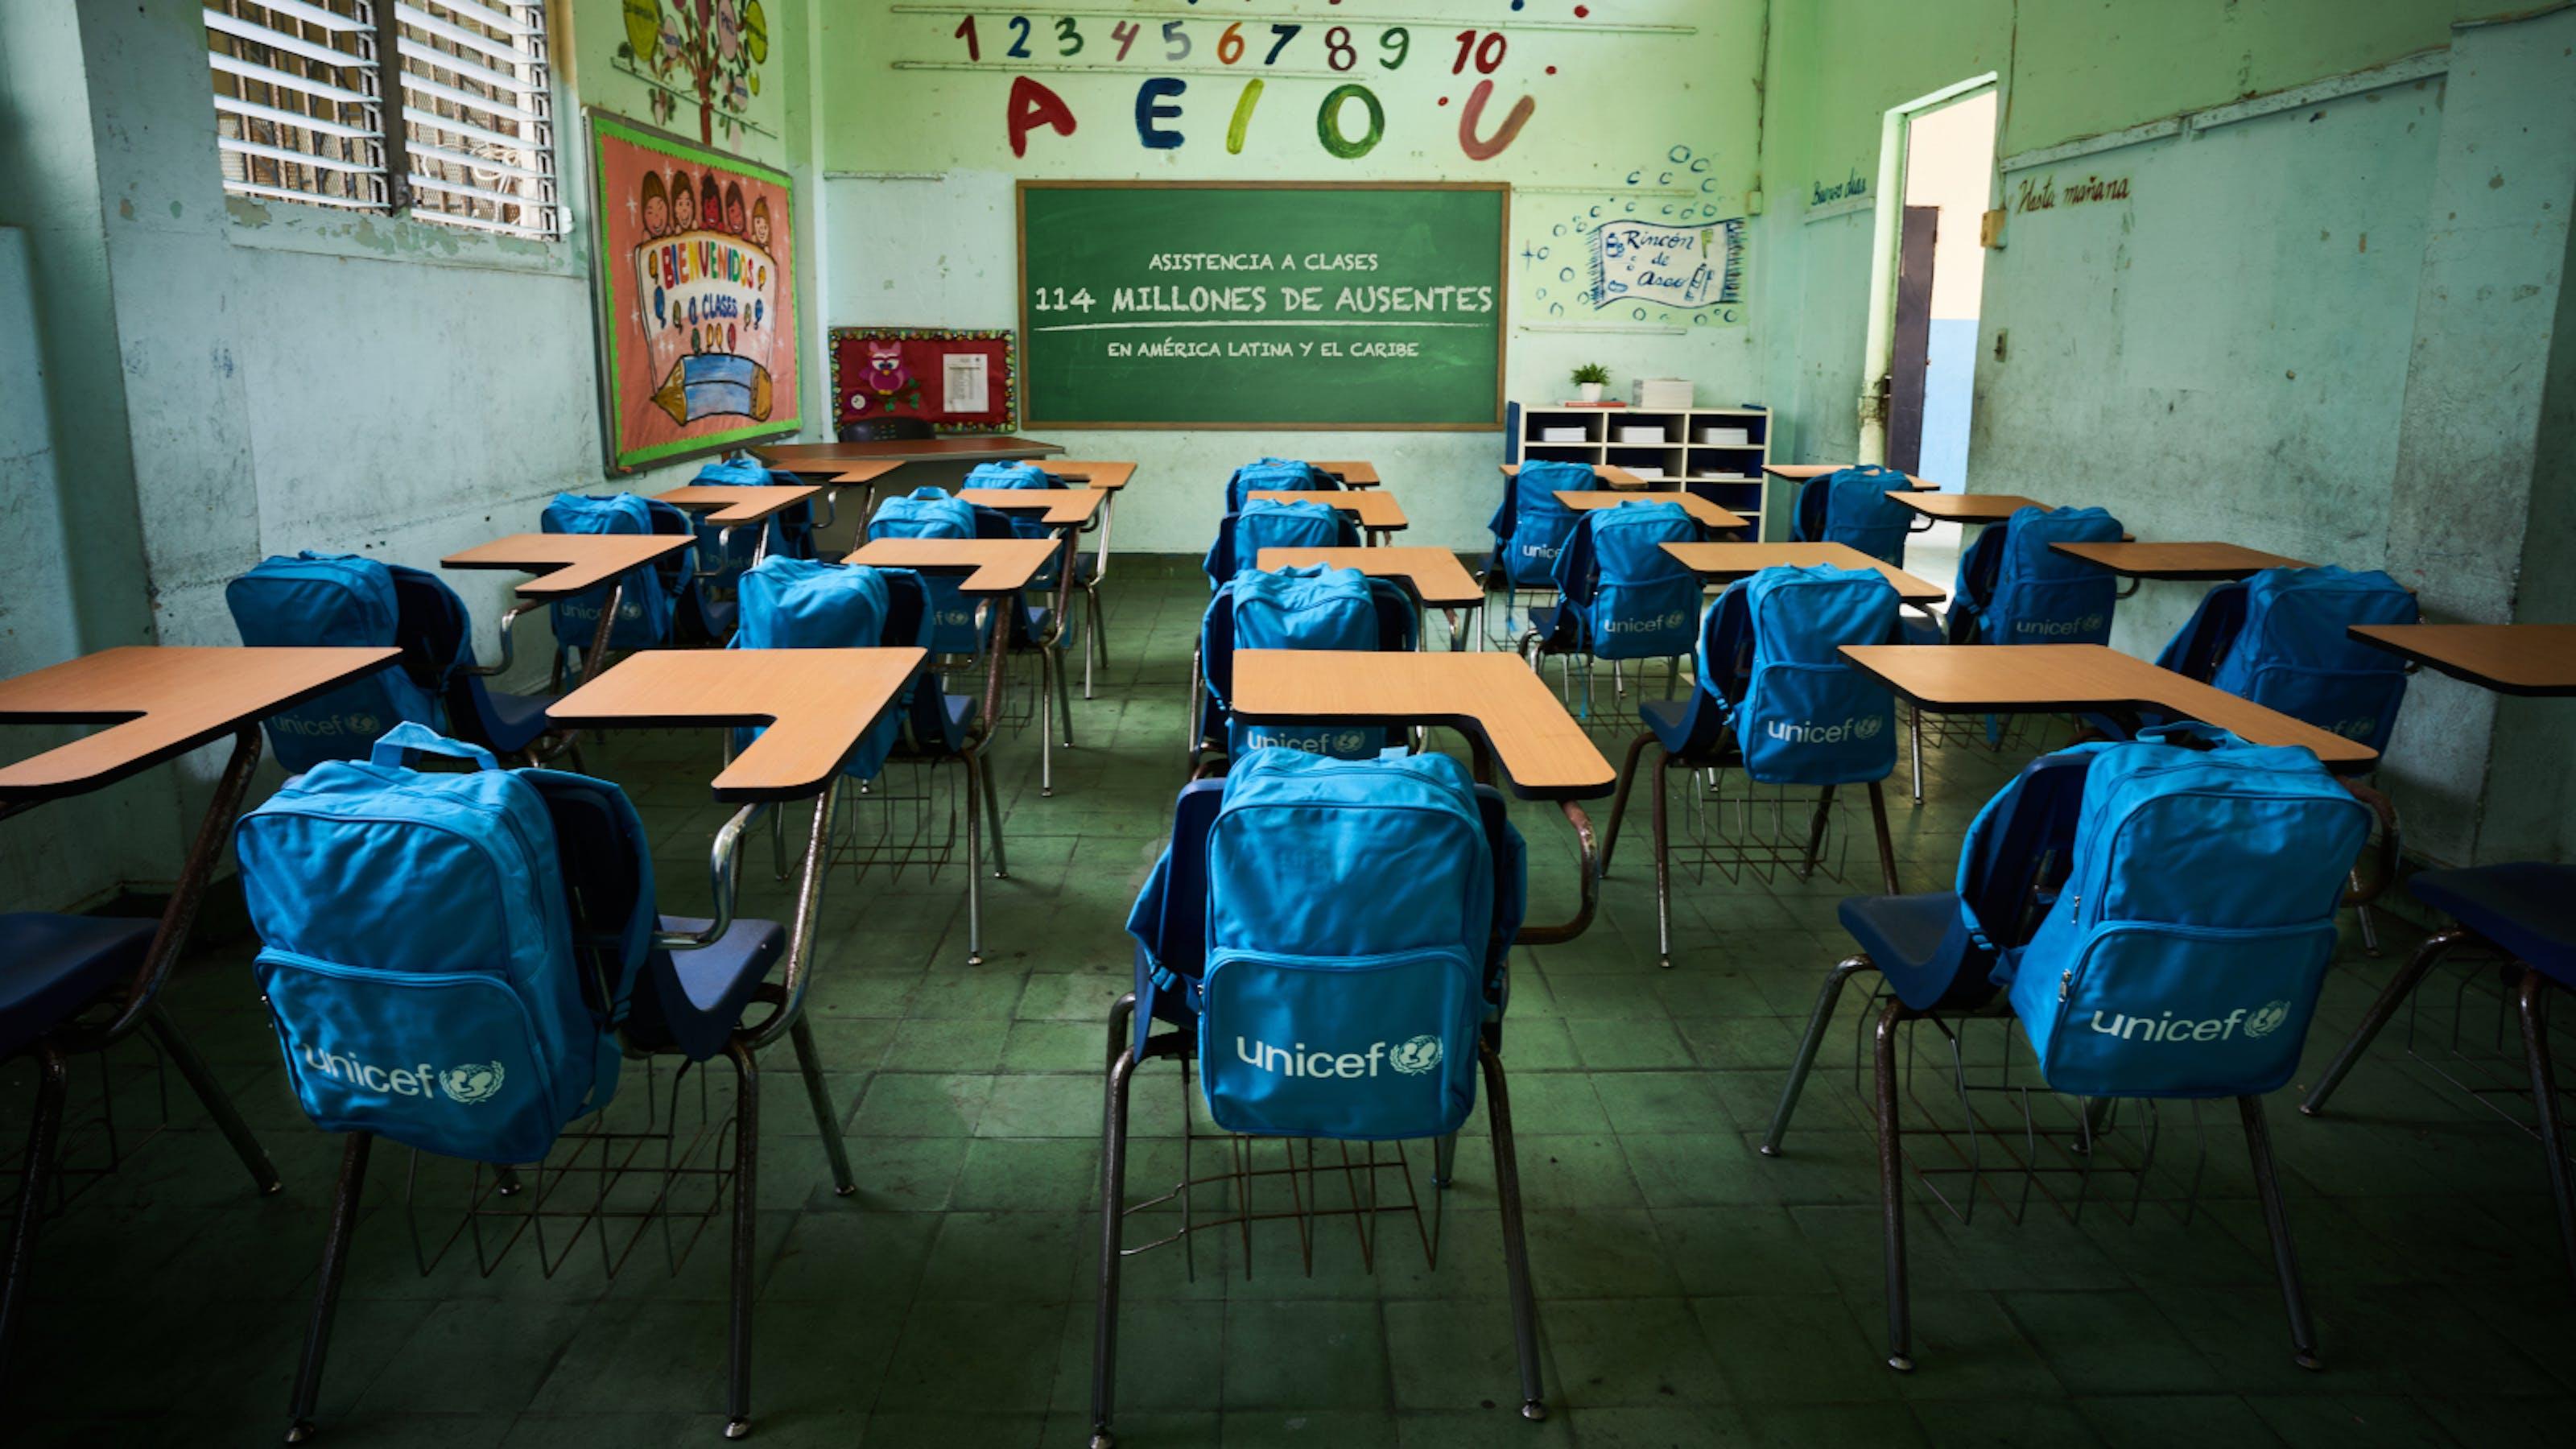 istruzione,covid-19,america latina